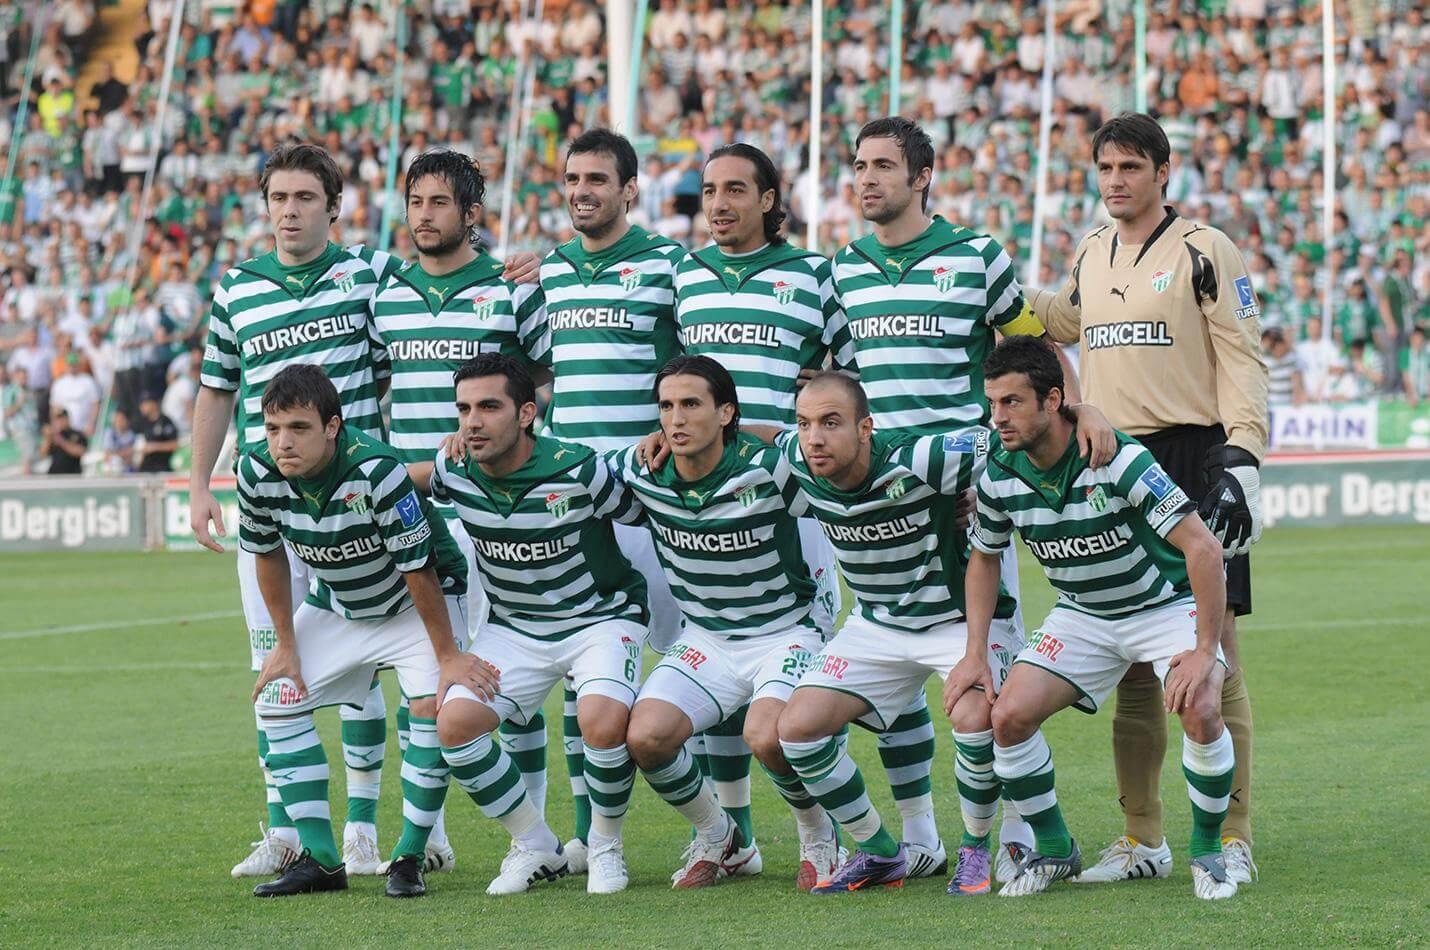 Yeşil beyaz çizgili forma giymiş 5 adam çömelmiş 6 tanesi ayakta poz veriyor.